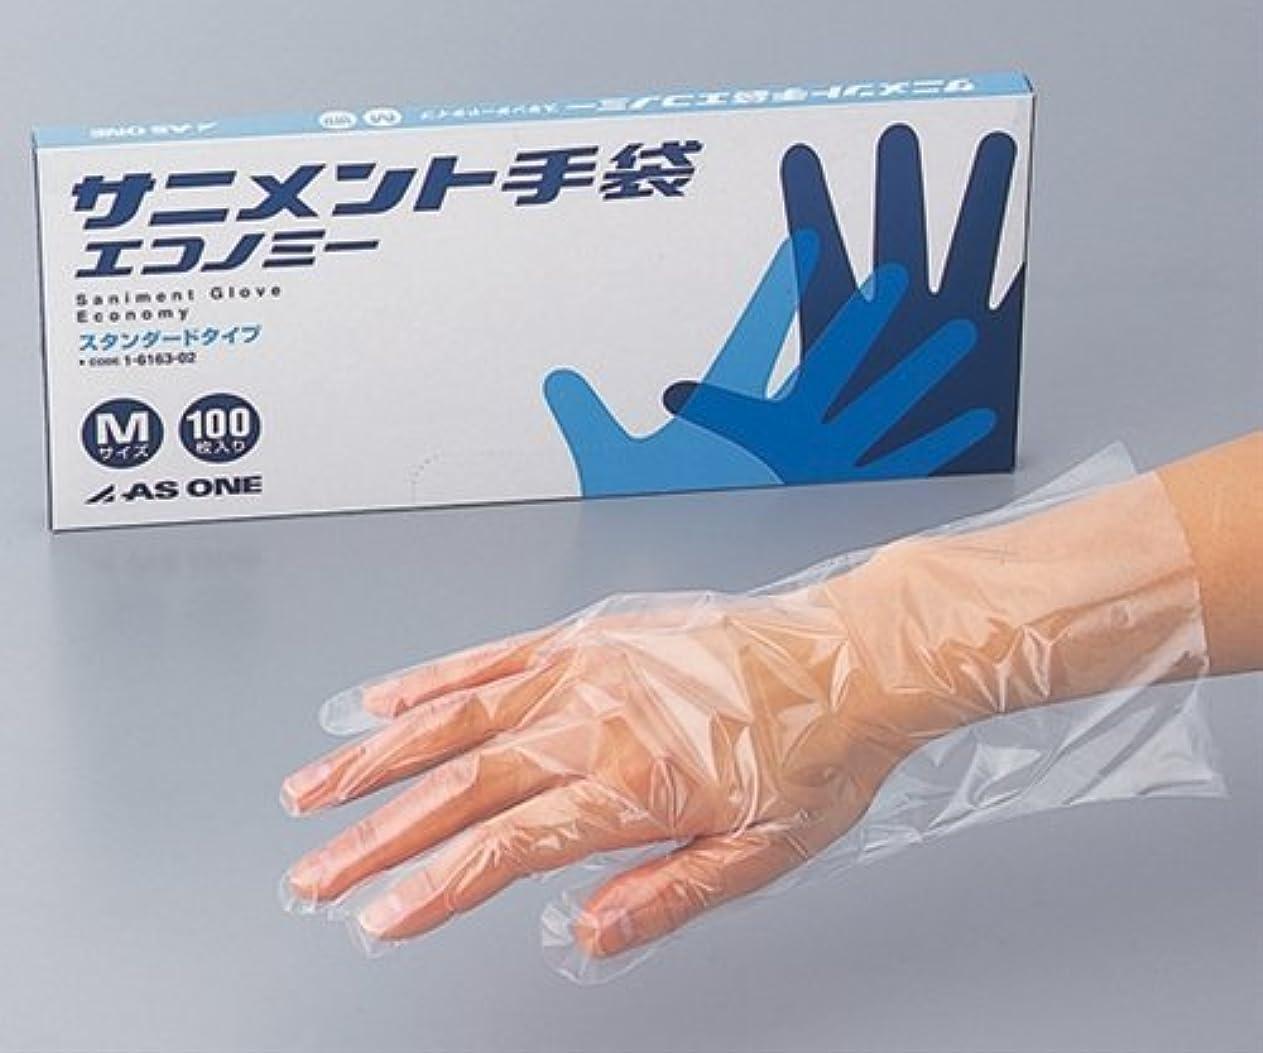 絶対の十分ではない無傷ラボランサニメント手袋(エコノミー) スタンダード S 1ケース(100枚/箱×11箱入)